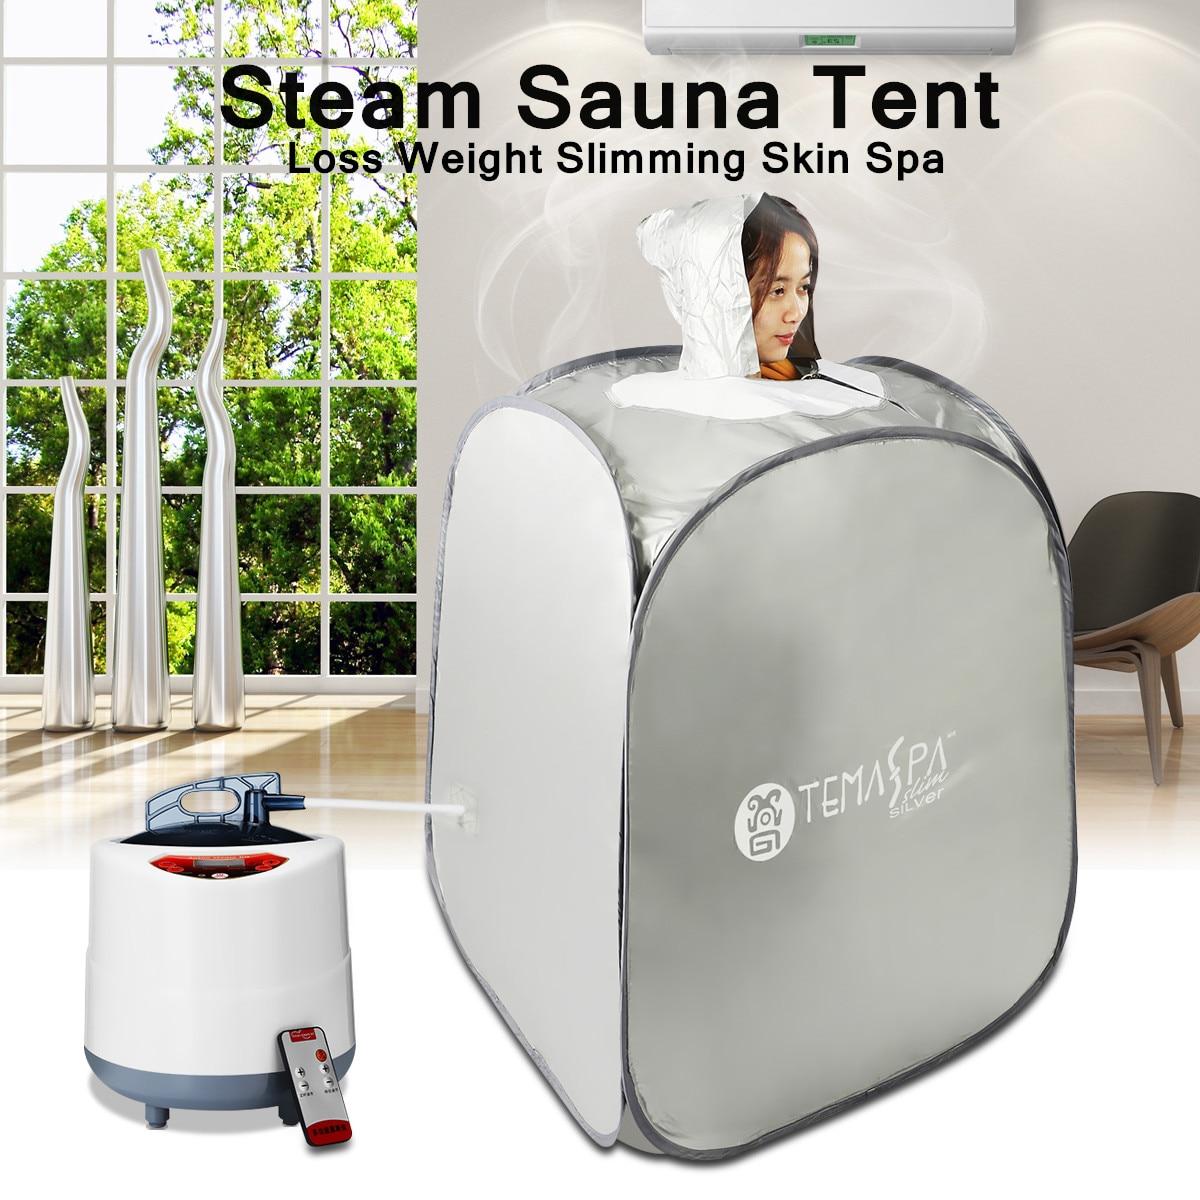 2l terapia spa 1000 w vapor pot beleza ferramenta dobrável sauna quarto tenda perda de peso da pele spa para cuidados de saúde pessoal emagrecimento